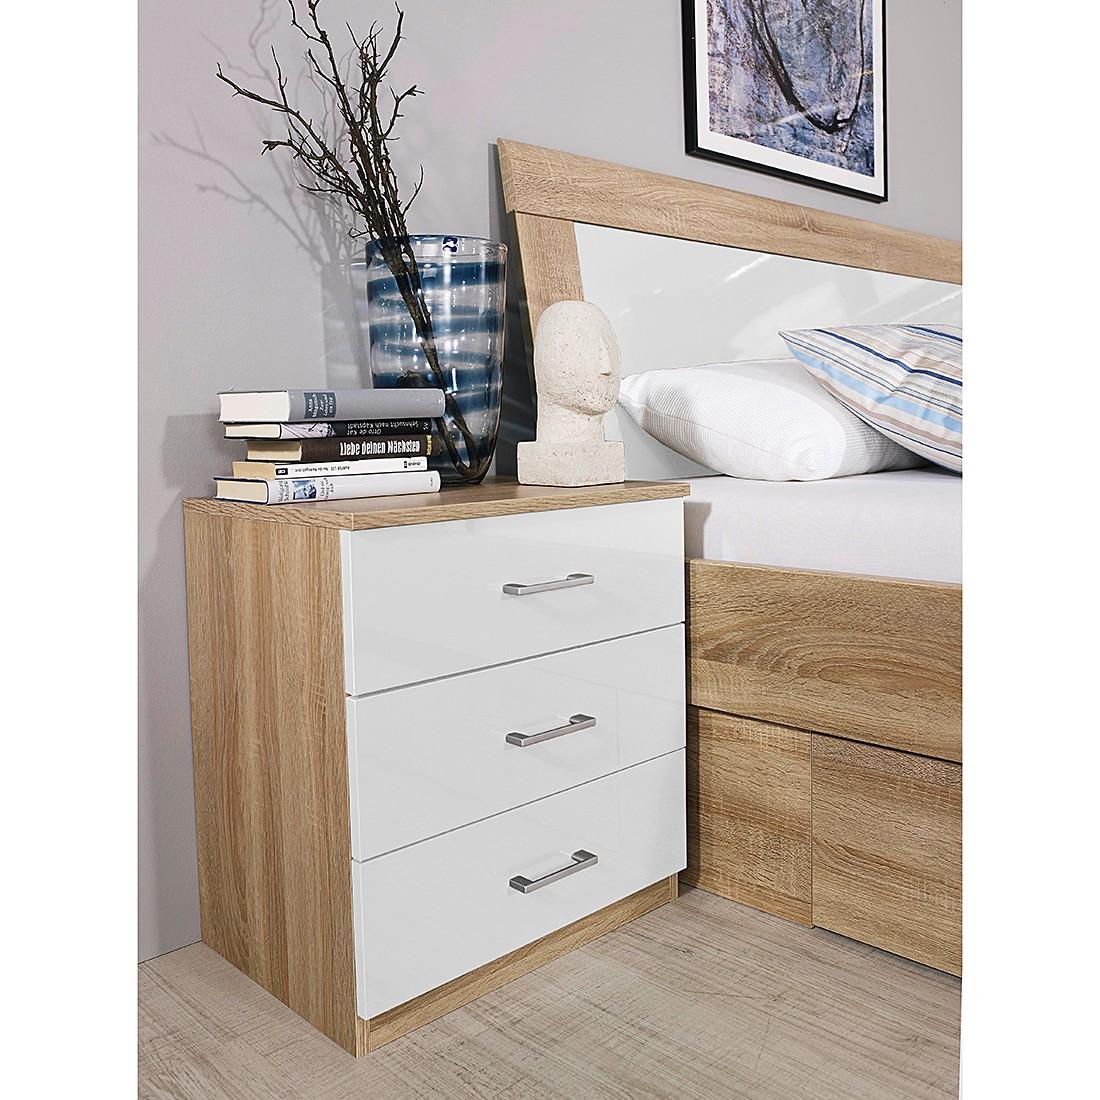 nachttisch hochglanz wei free kostenlose lieferung ins. Black Bedroom Furniture Sets. Home Design Ideas